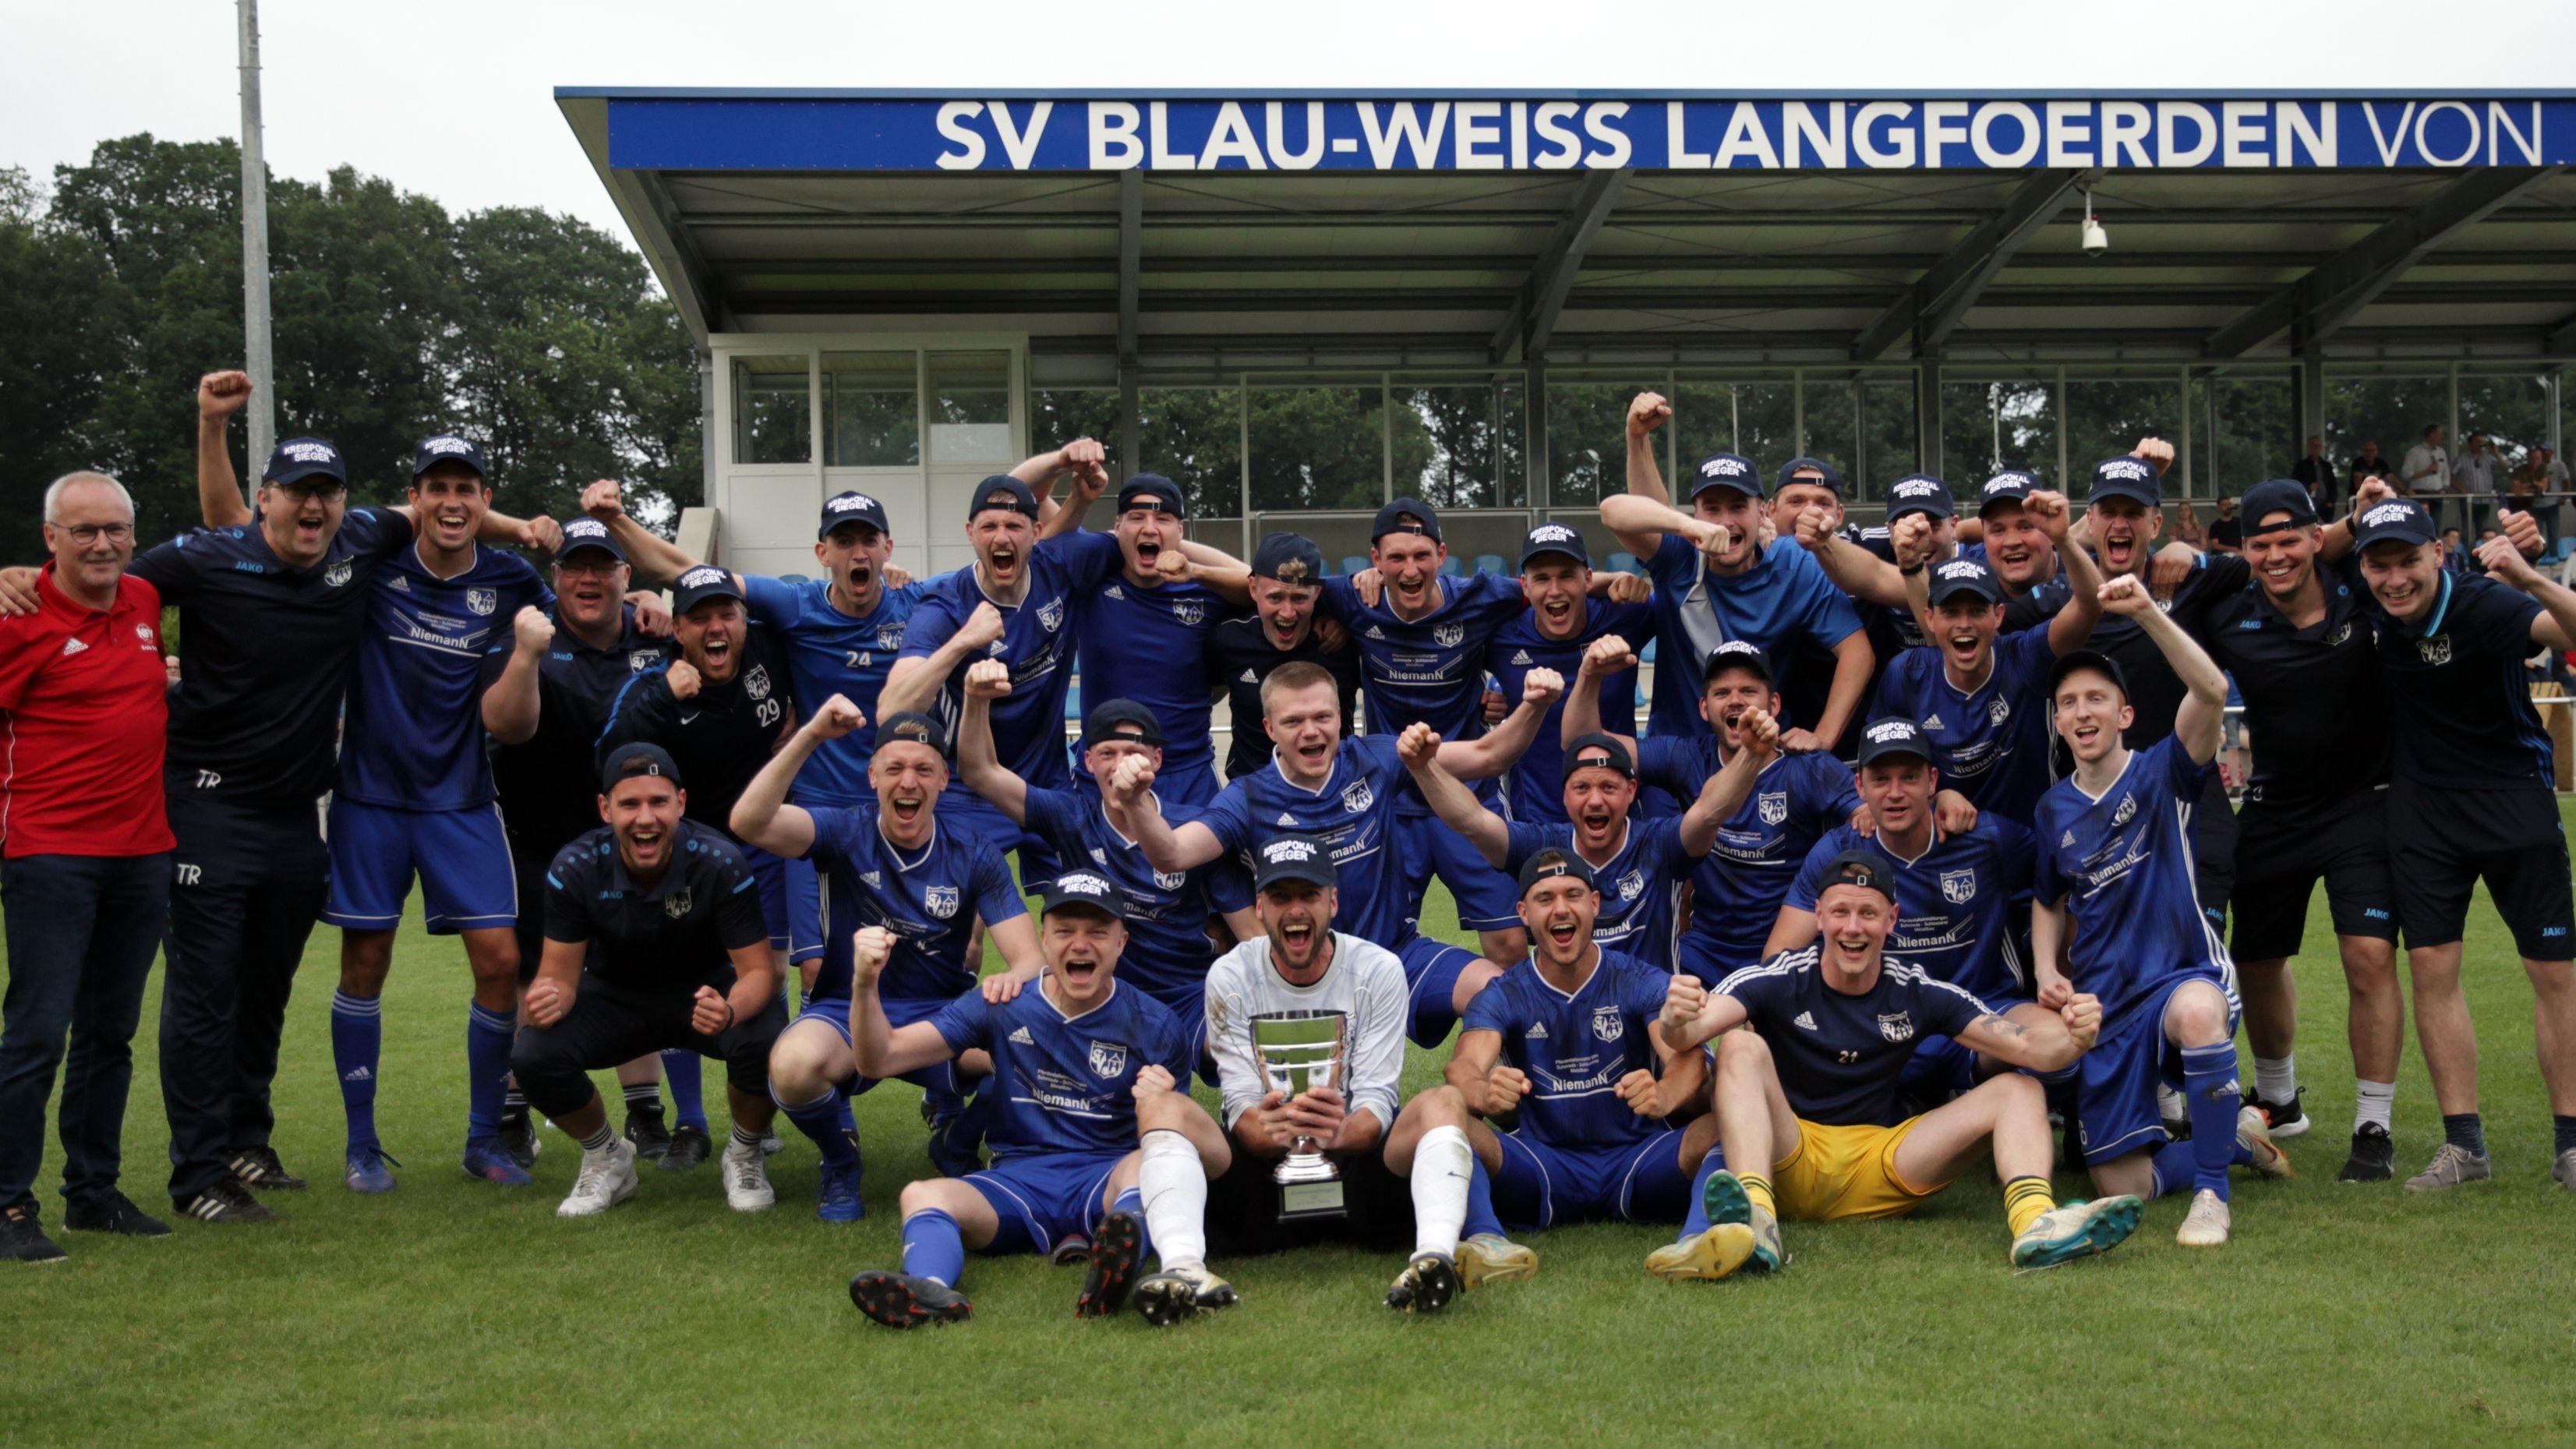 Kreispokalsieger 2020/21: BW Langförden. Foto: Schikora